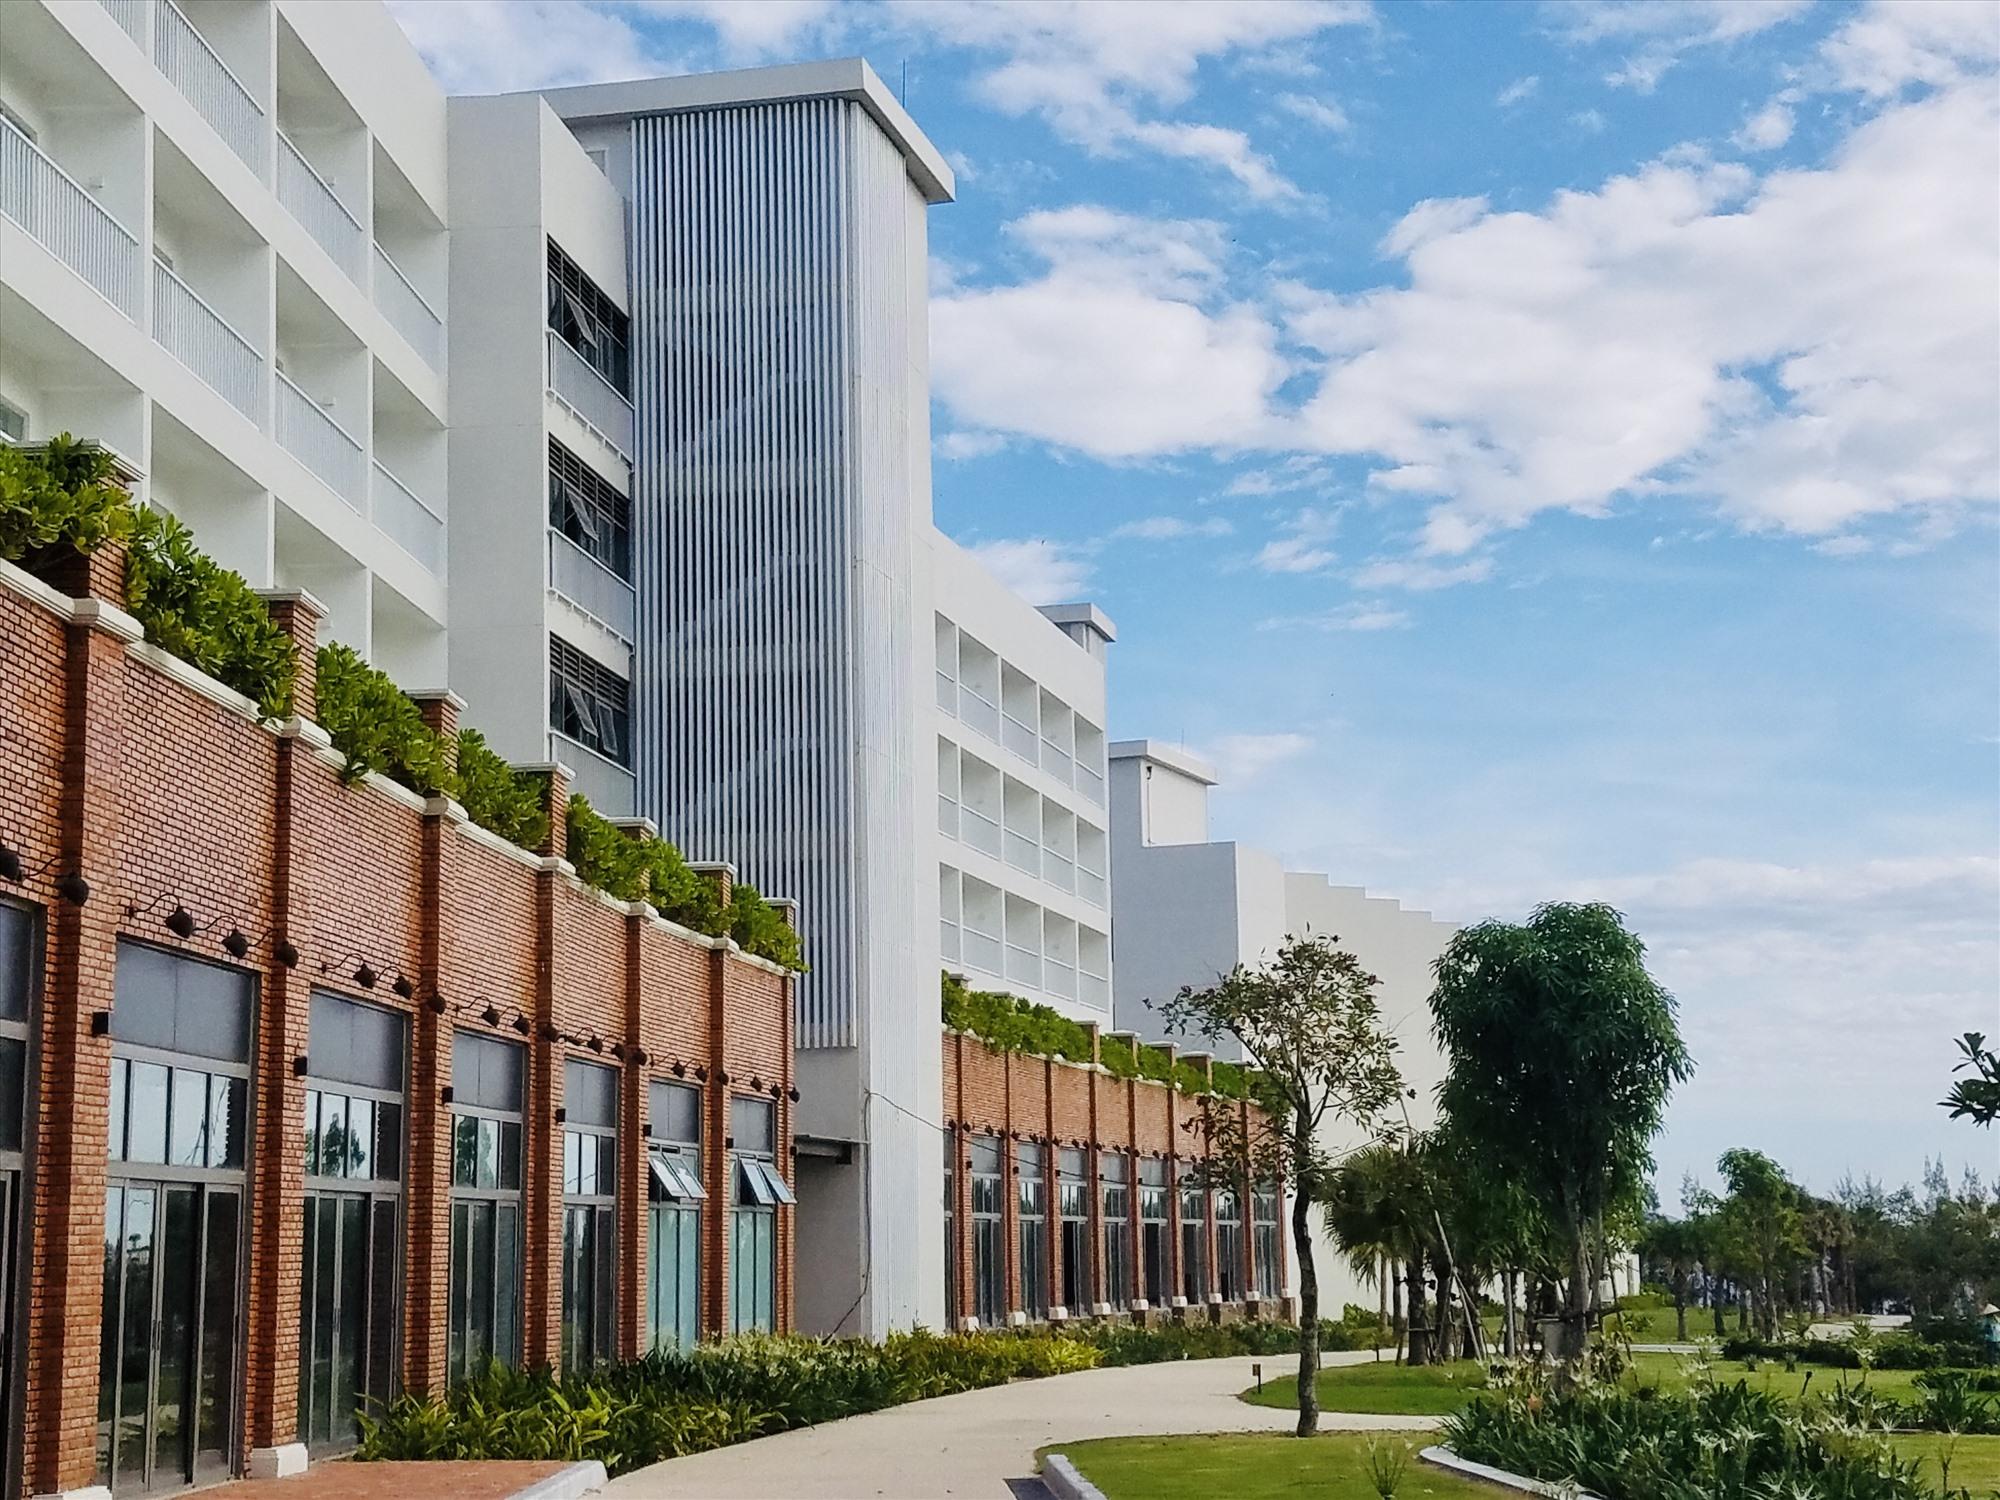 Khách sạn Citadines Pearl Hoi An dành nhiều phòng ưu đãi hỗ trợ chuyên gia, người lao động lưu trú phòng dịch. Ảnh: Q.T